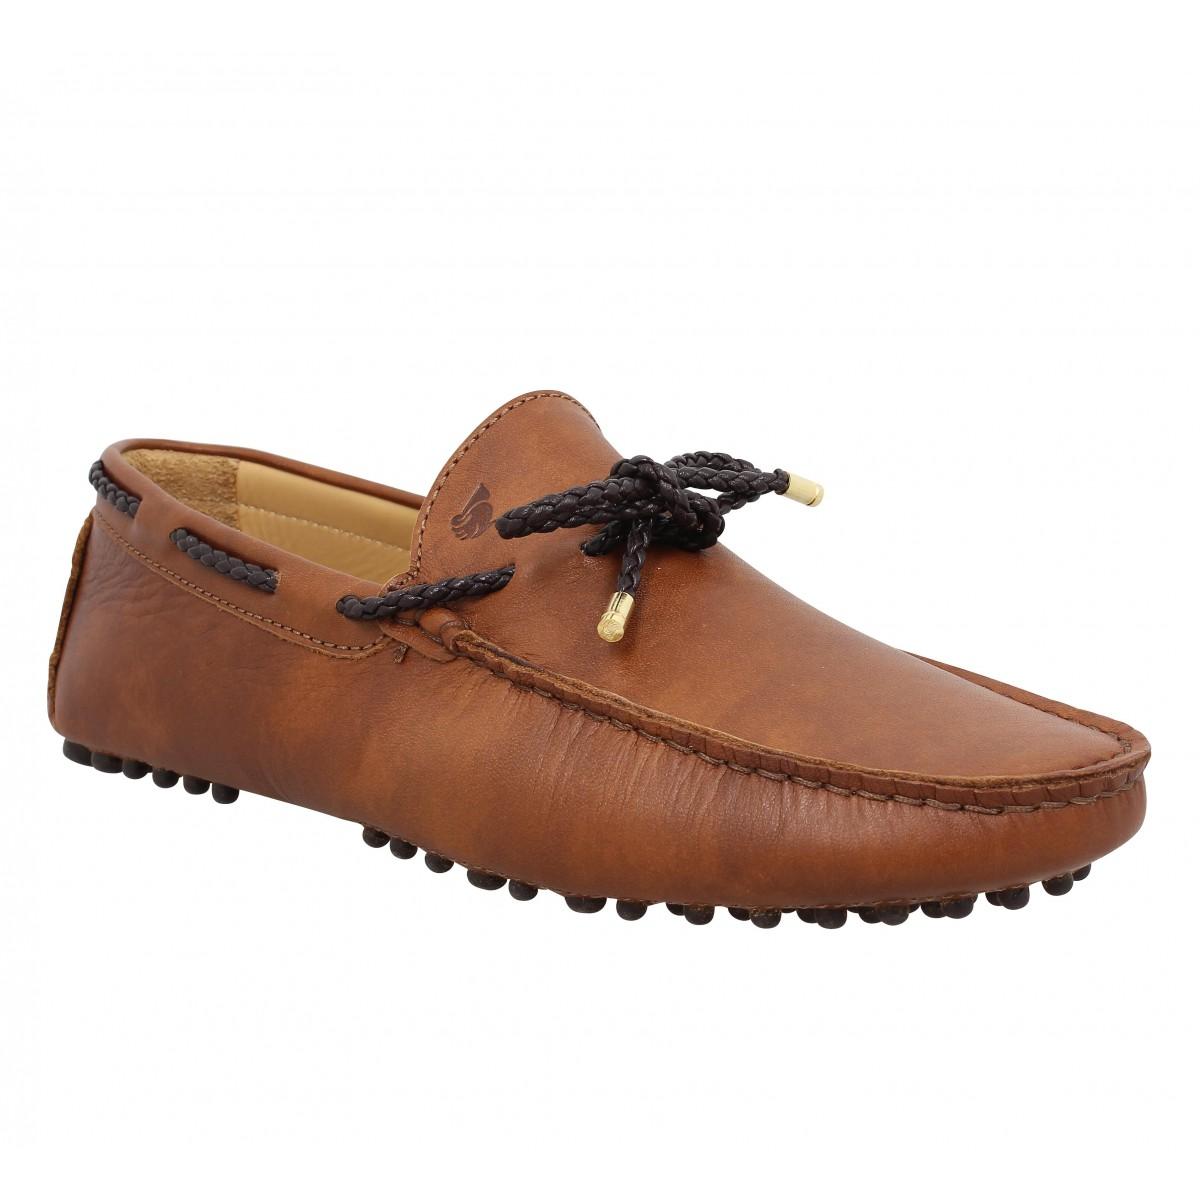 Chaussures Cuir Orfevre CognacFanny Homme Bobbies L gf76yYbv